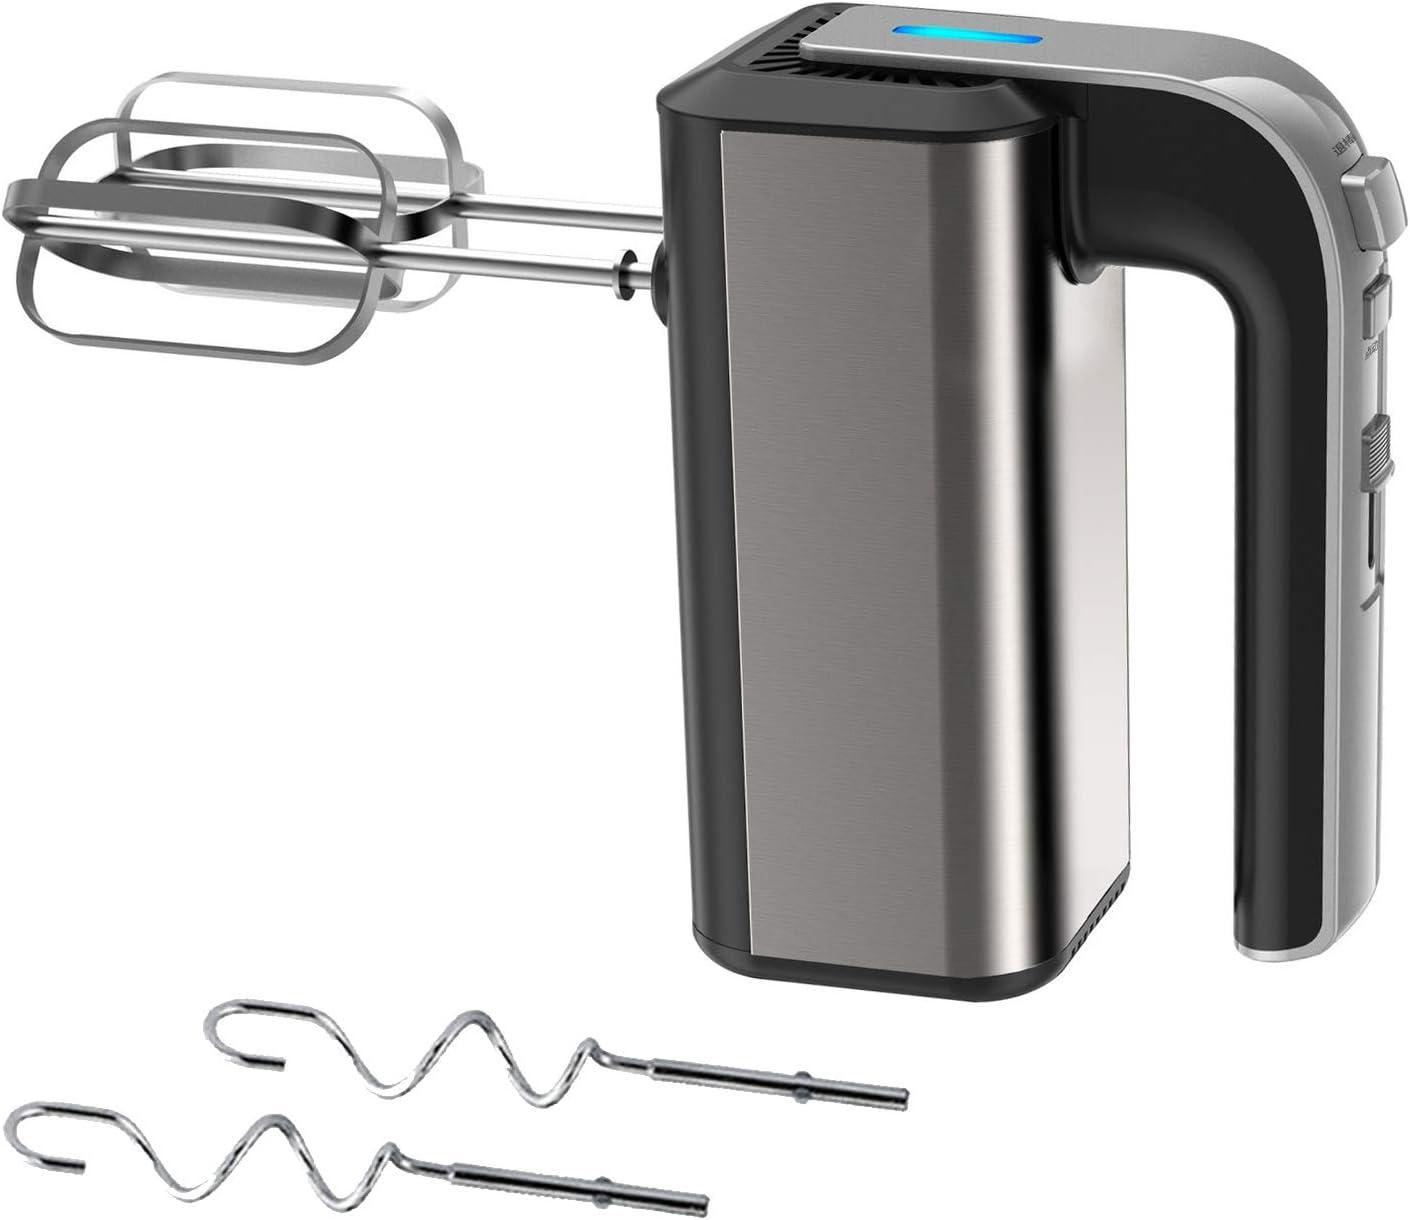 450 W asta di agitazione frusta elettrica e sbattitore a mano 2 pezzi sbattitore elettrico con 5 modalit/à di velocit/à frusta da cucina bastoncini di nozze. Sbattitore elettrico da cucina